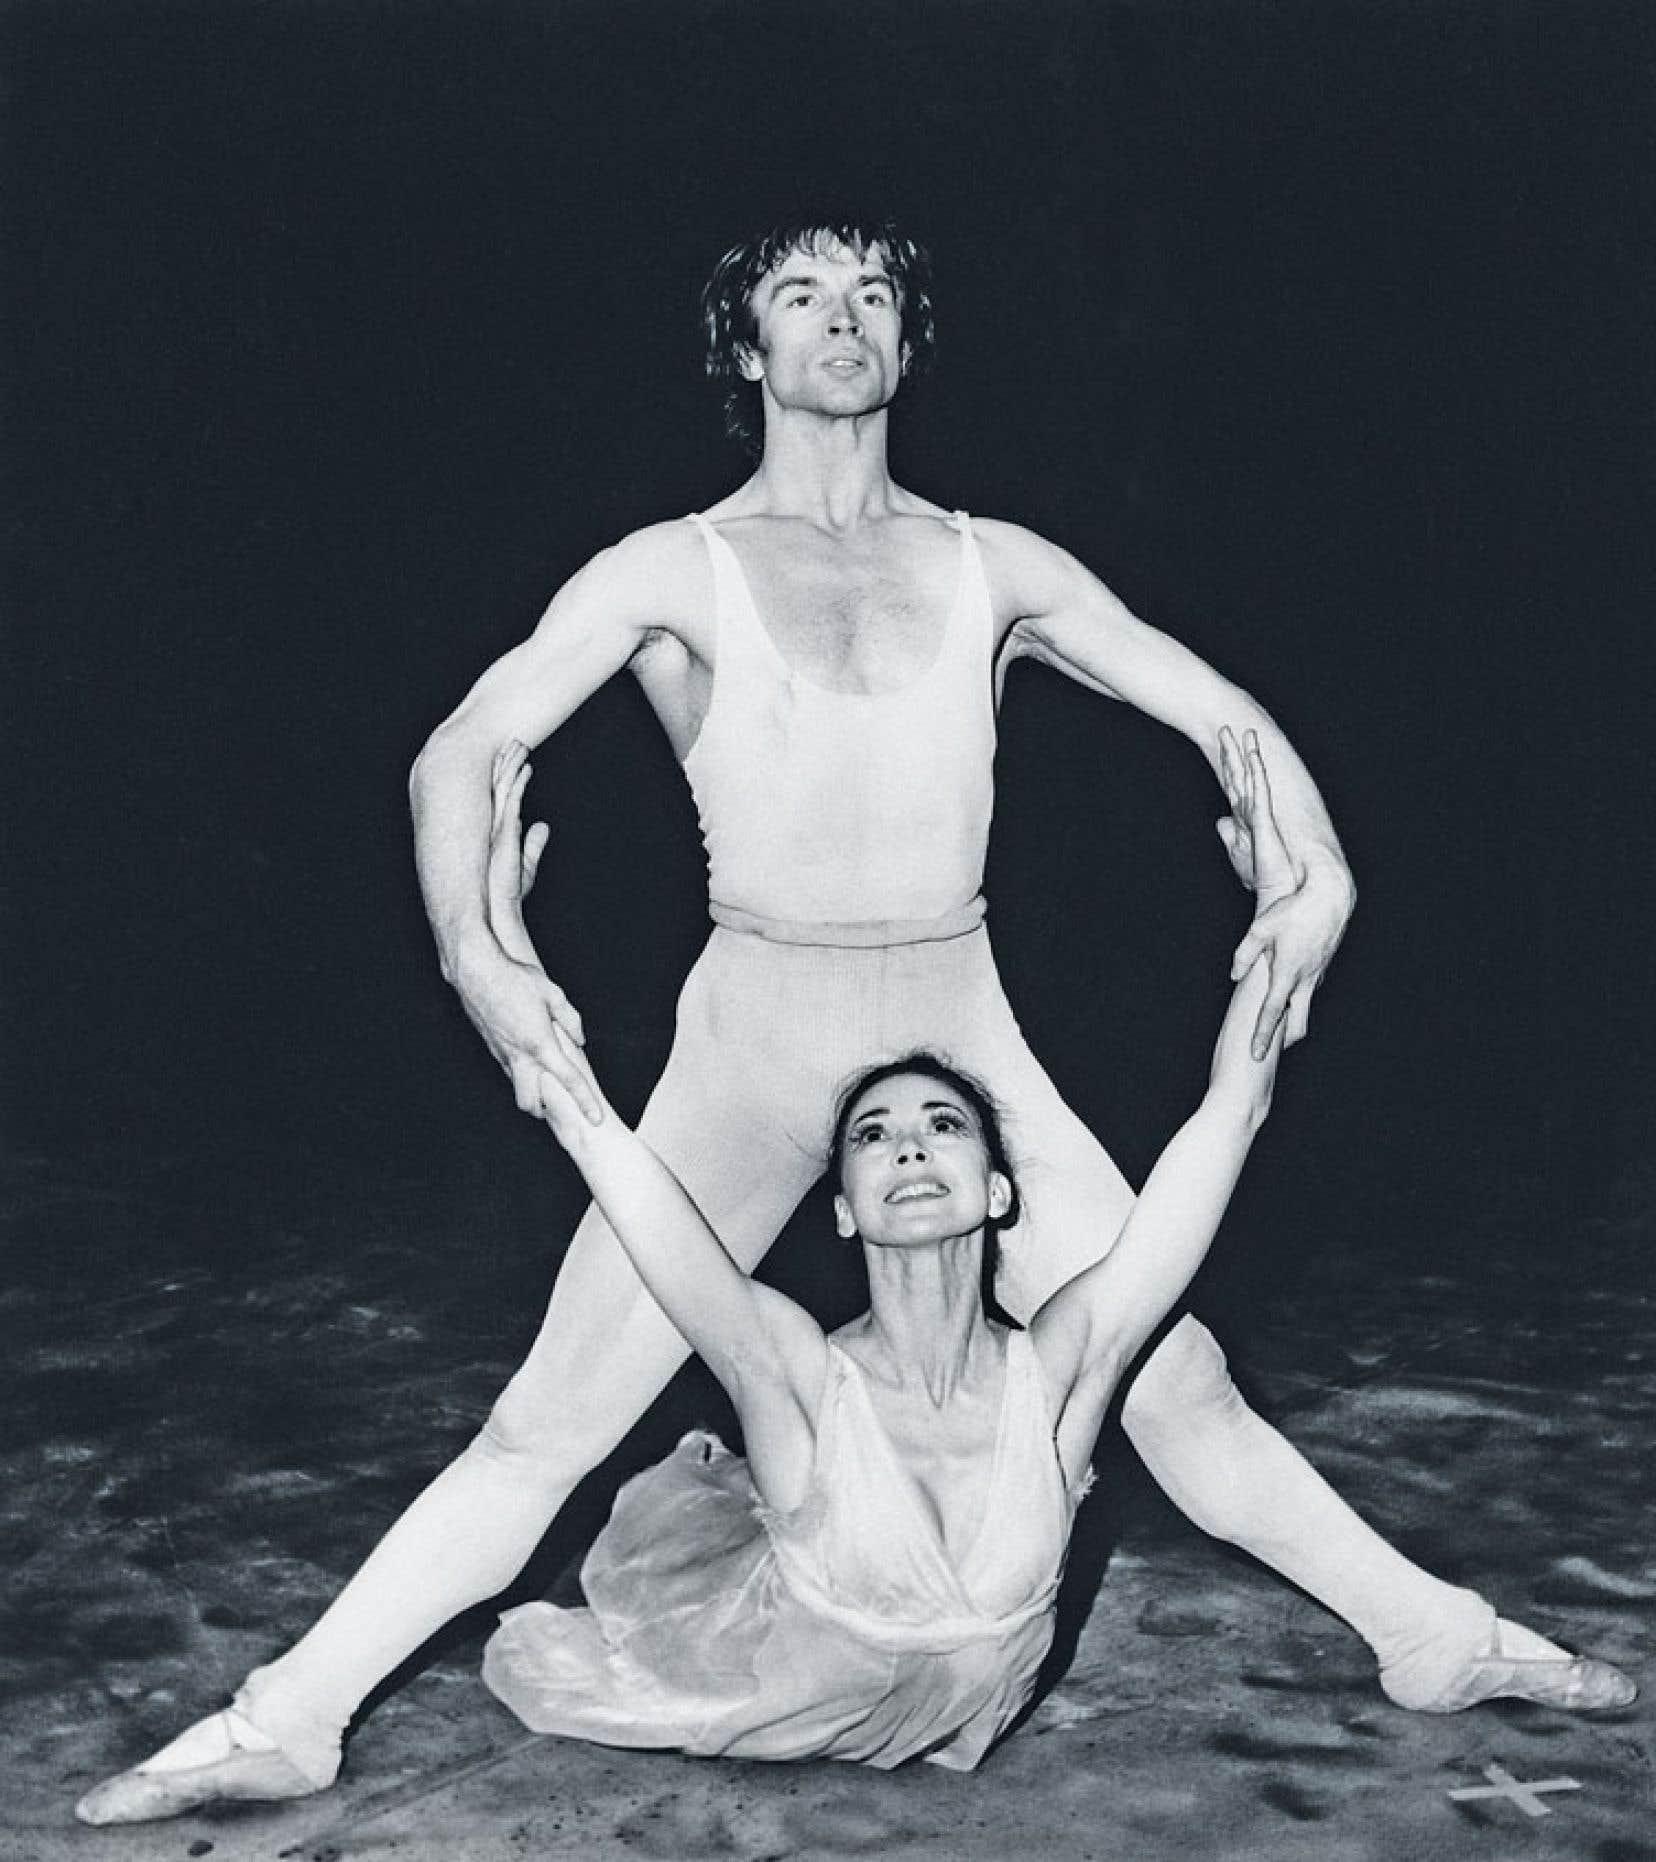 <div> Rudolf Noureev danse au Royal Opera House de Londres, où il forme un couple légendaire avec Margot Fonteyn. Photo prise le 24 mars 1969.</div>